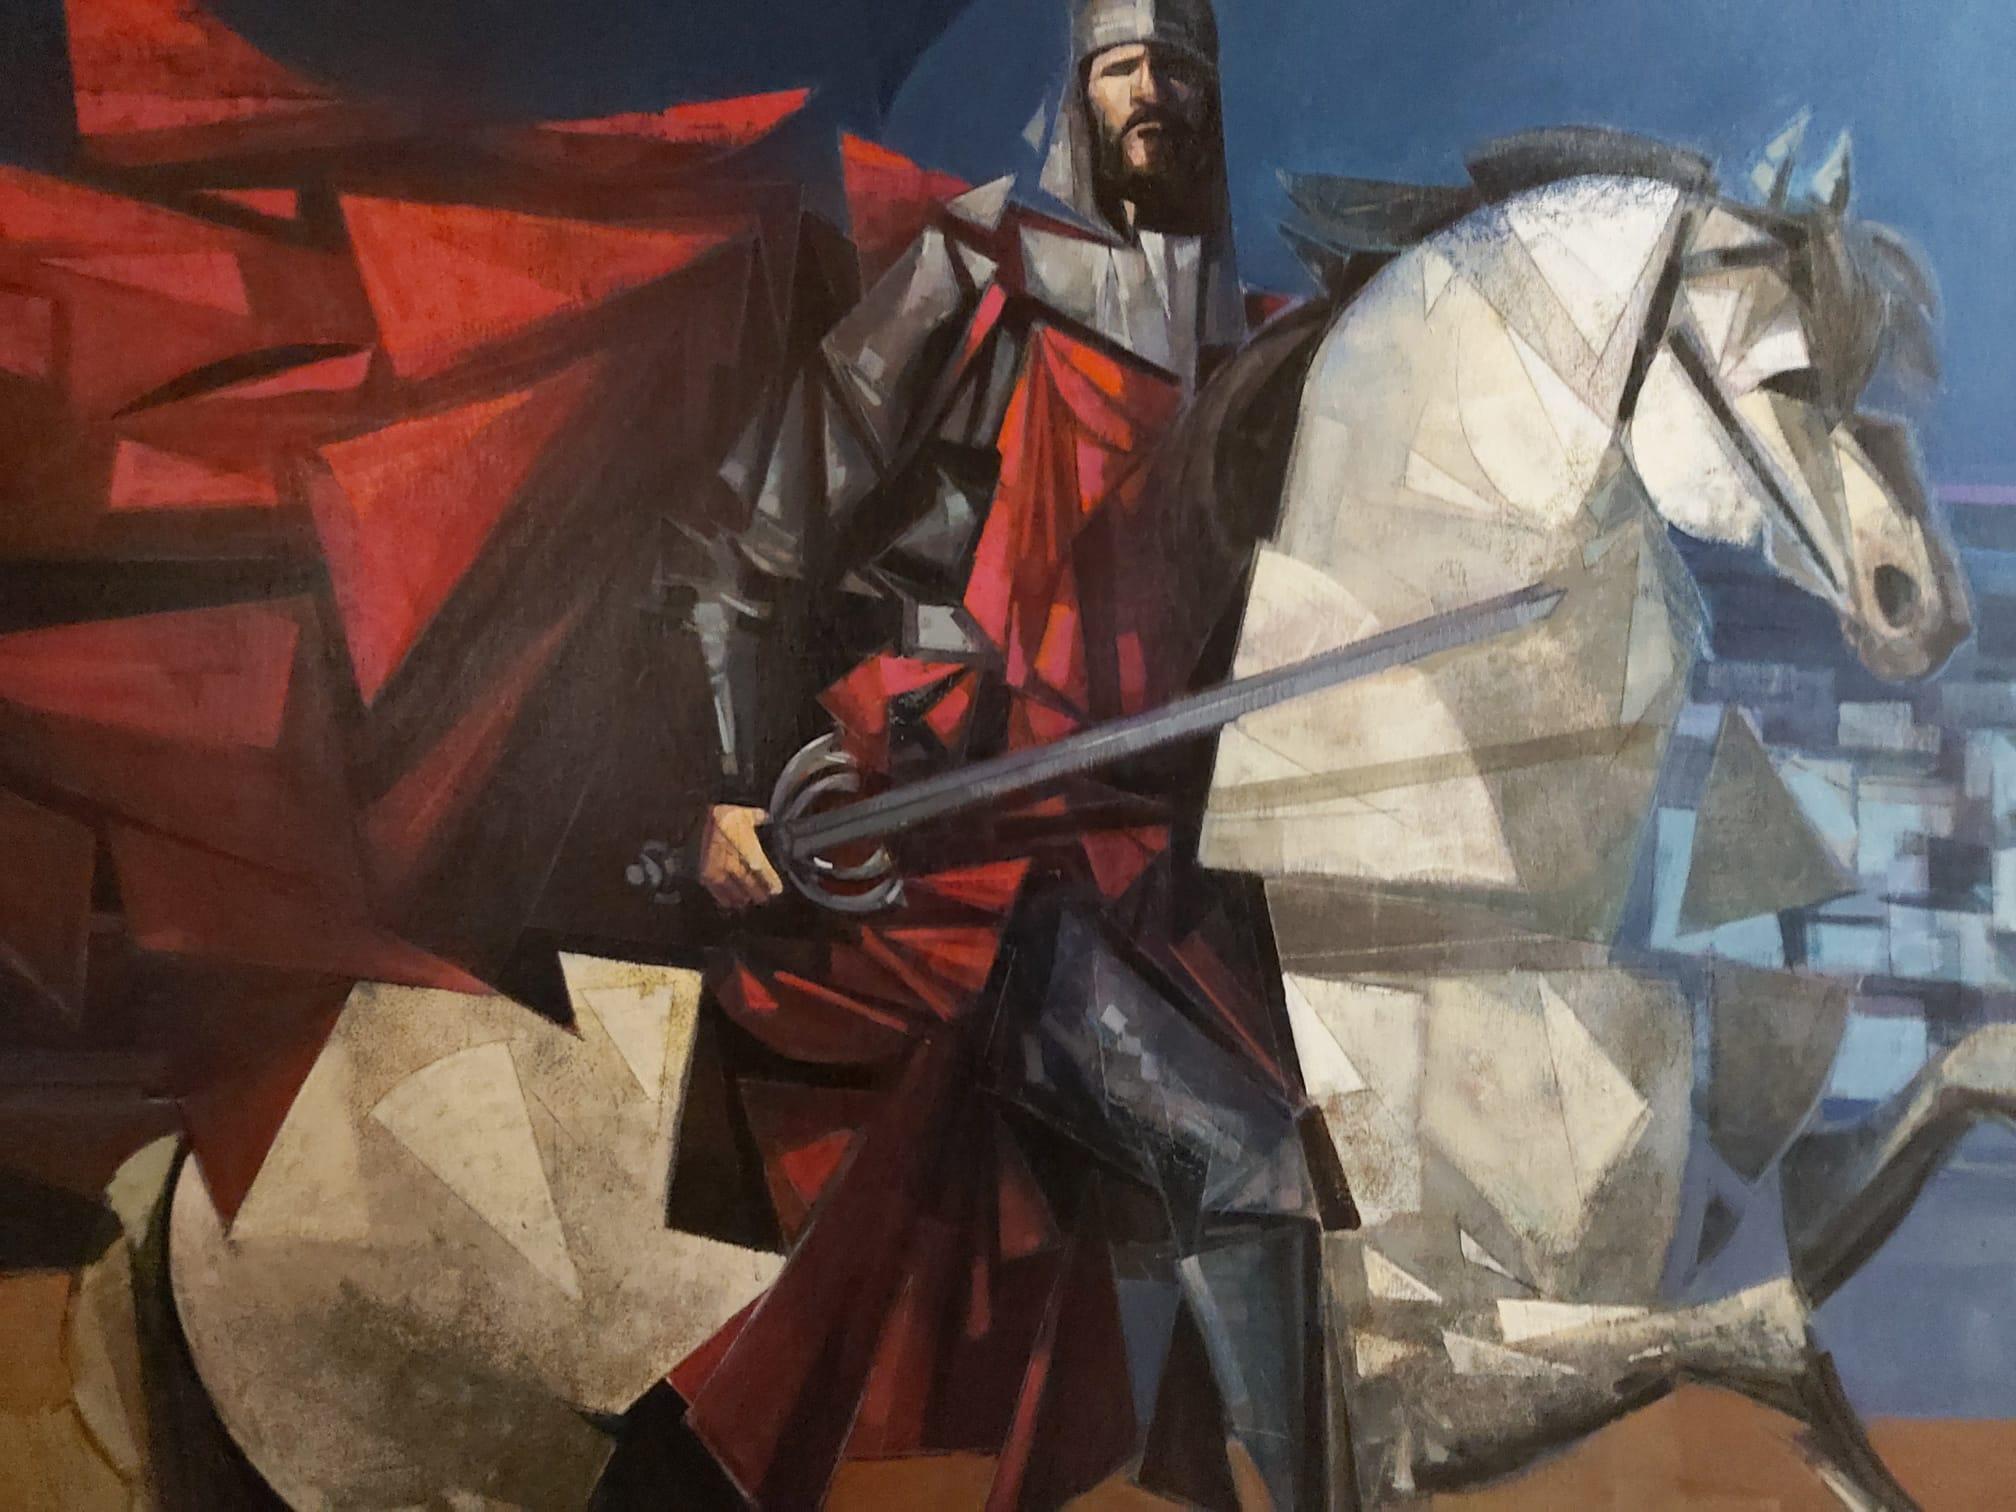 Juan López, Gran Pintor Neo-cubista del panorama presenta su nueva obra.